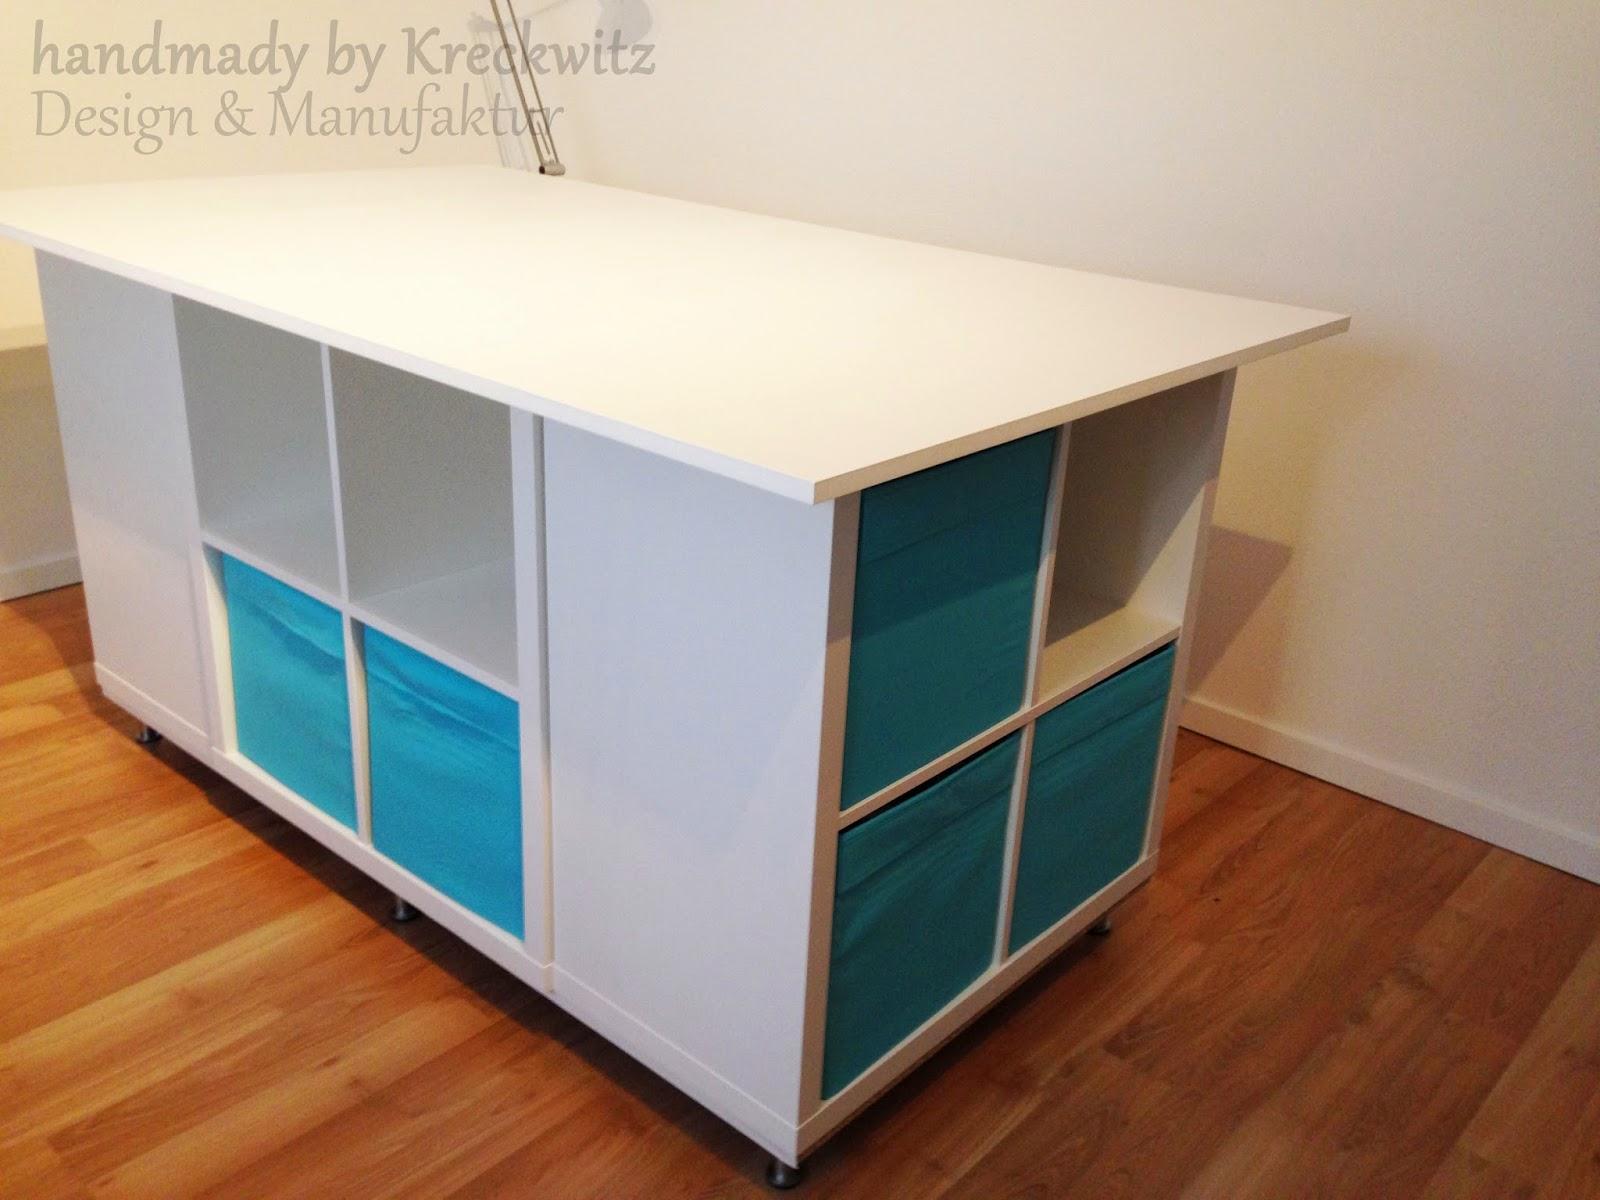 handmade by kreckwitz zuschneidetisch oder pimp my ikea. Black Bedroom Furniture Sets. Home Design Ideas